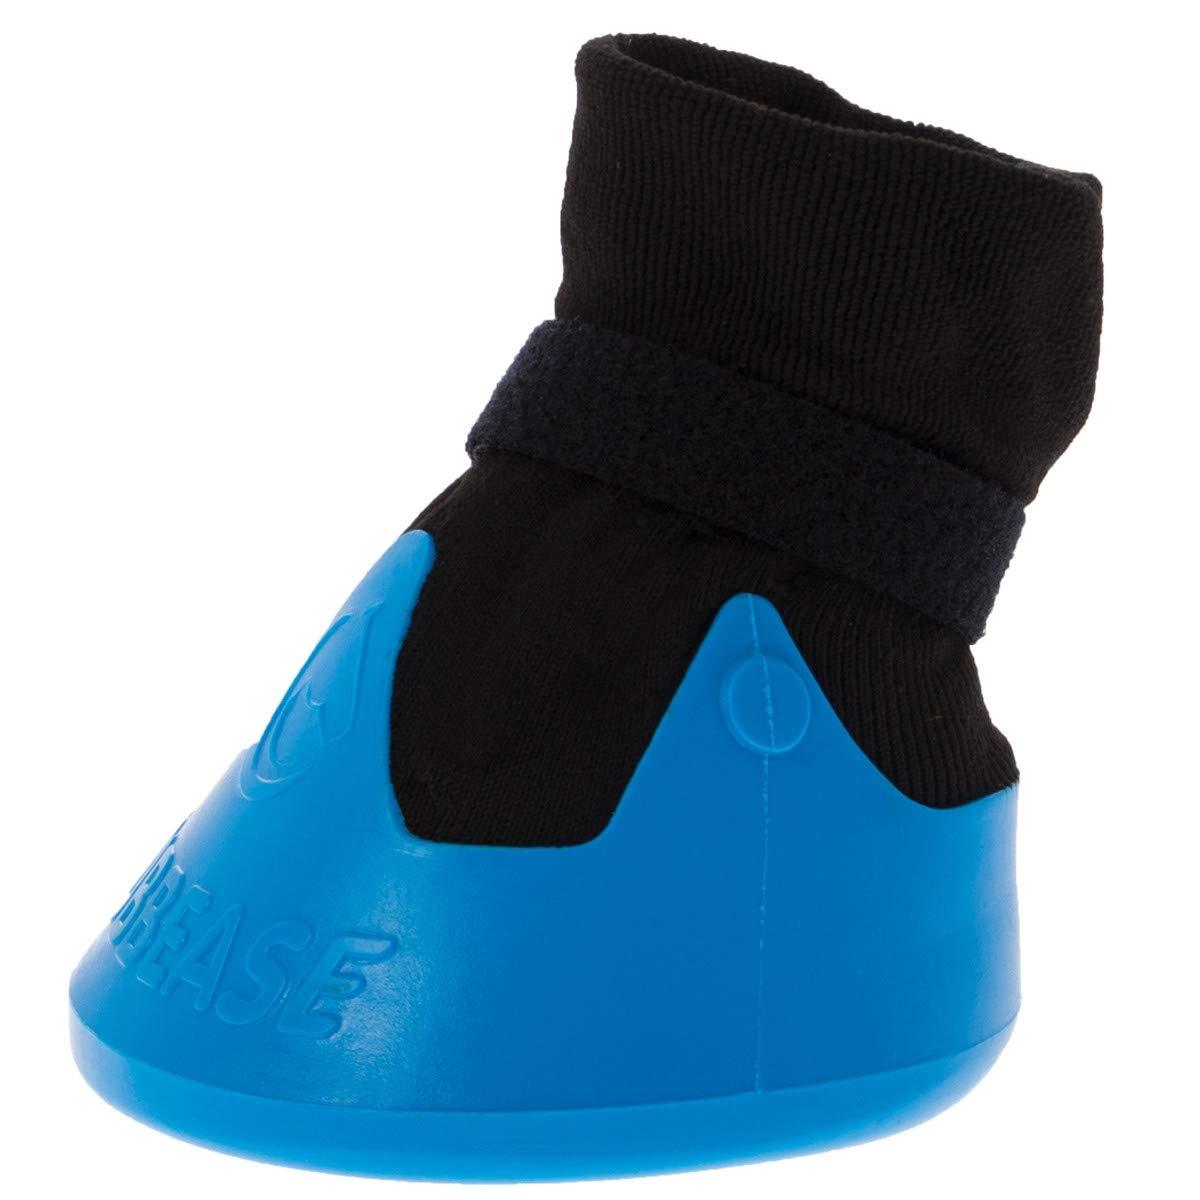 bluee 155mm 6 1 8\ bluee 155mm 6 1 8\ Tubbease Hoof Sock